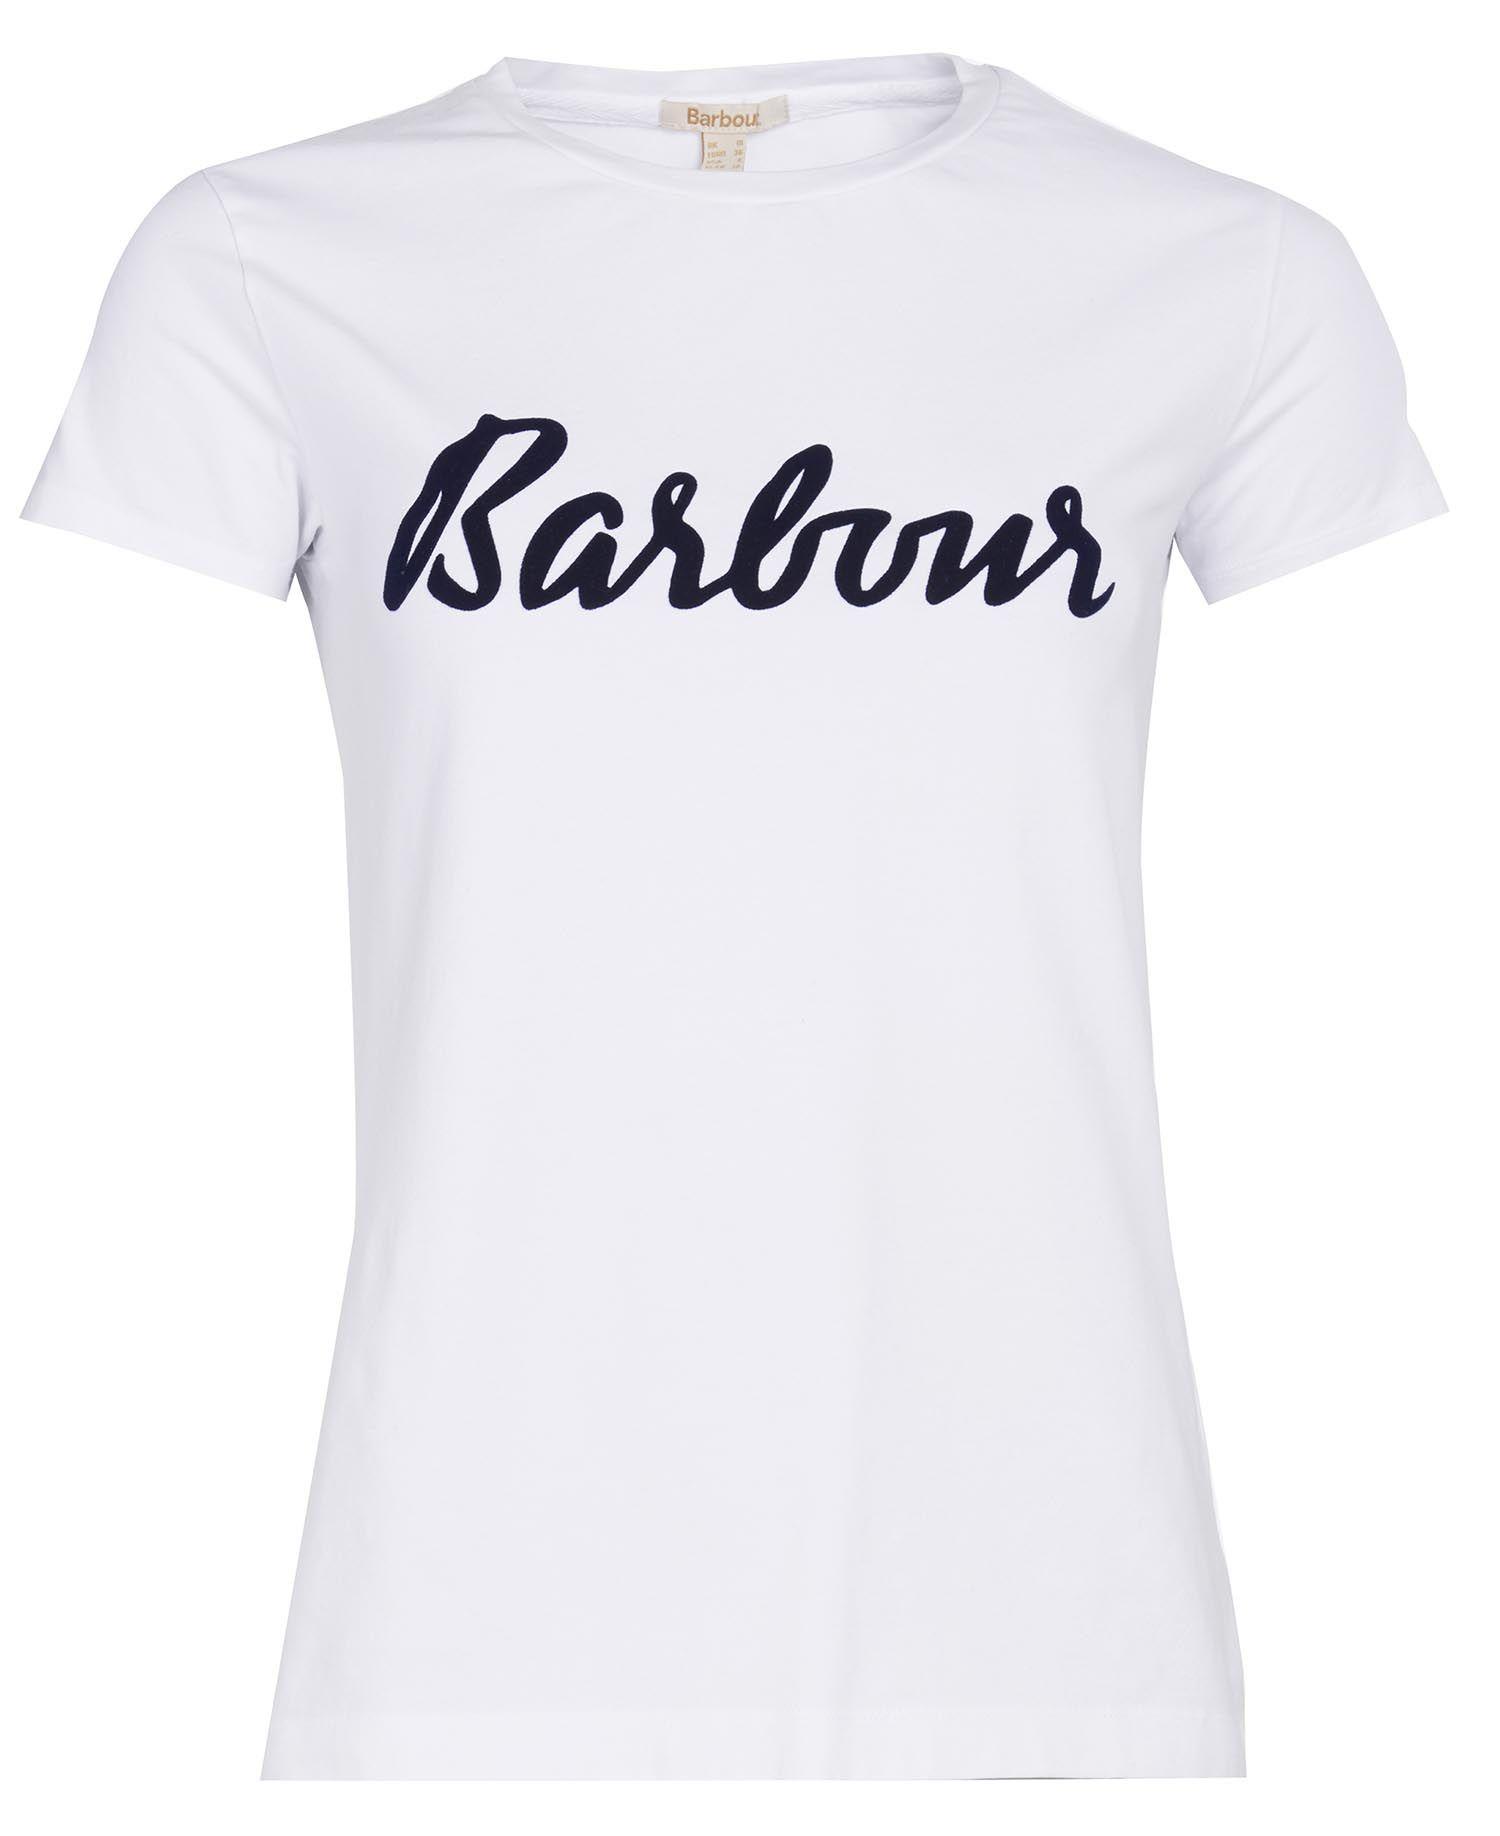 Barbour_Rebecca_T_shirt0395WH11_POTRAIT_flat